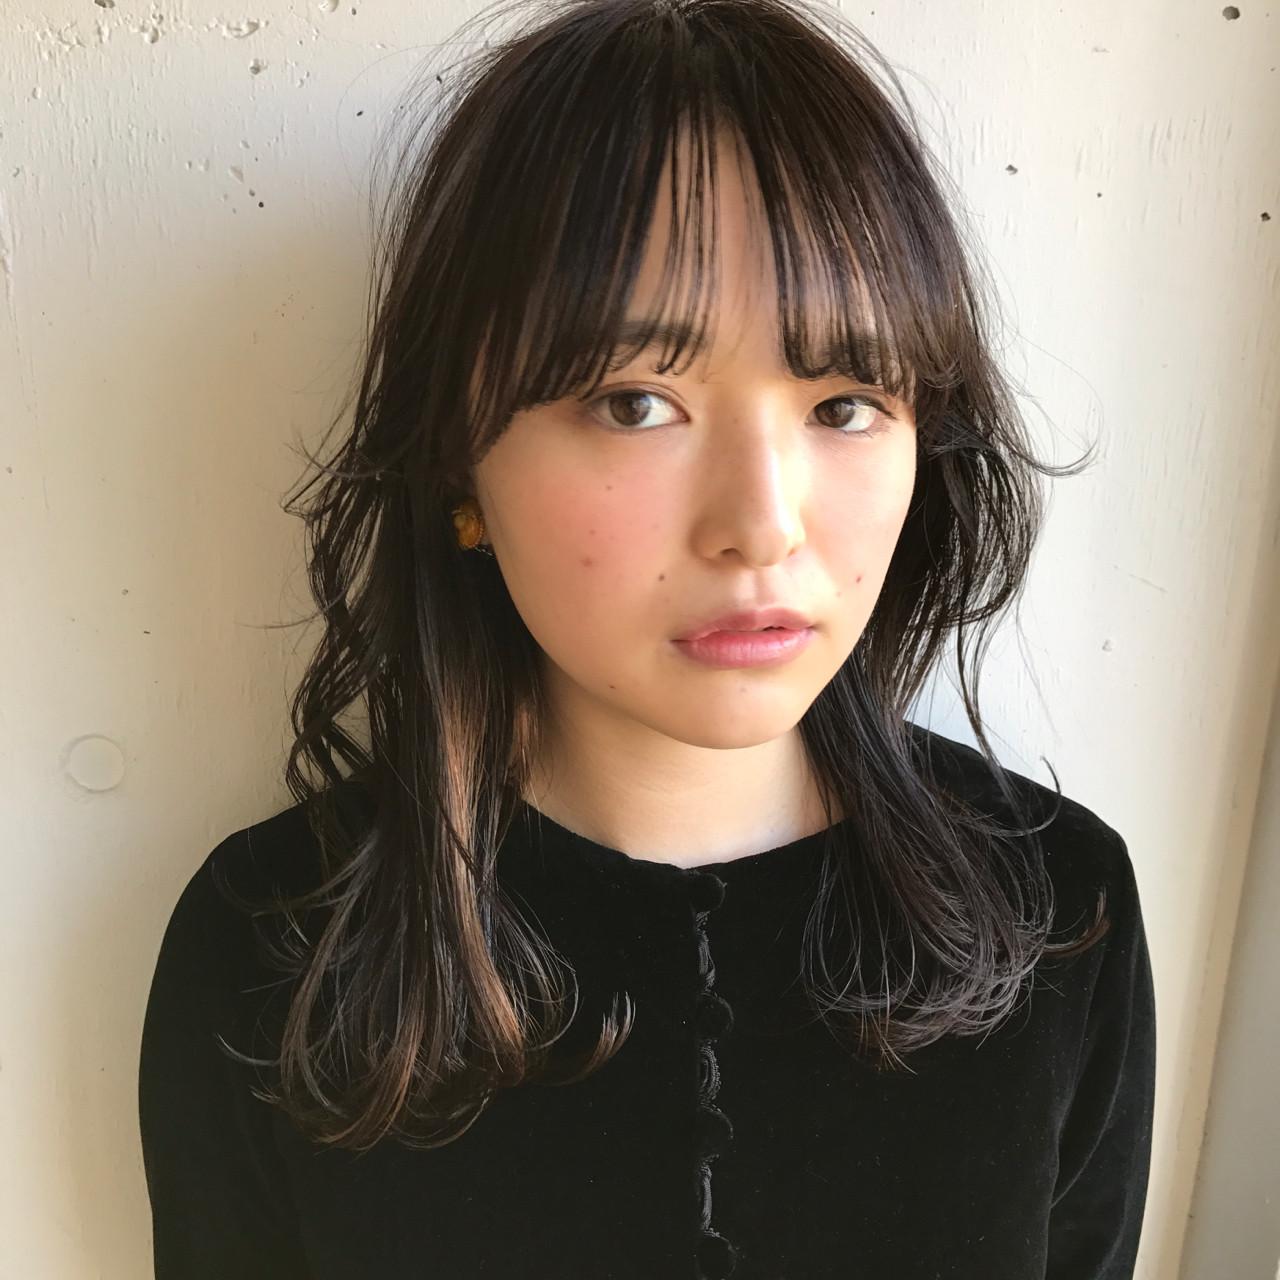 黒髪 ナチュラル パーマ セミロング ヘアスタイルや髪型の写真・画像 | 小西敬二郎 / Heartim